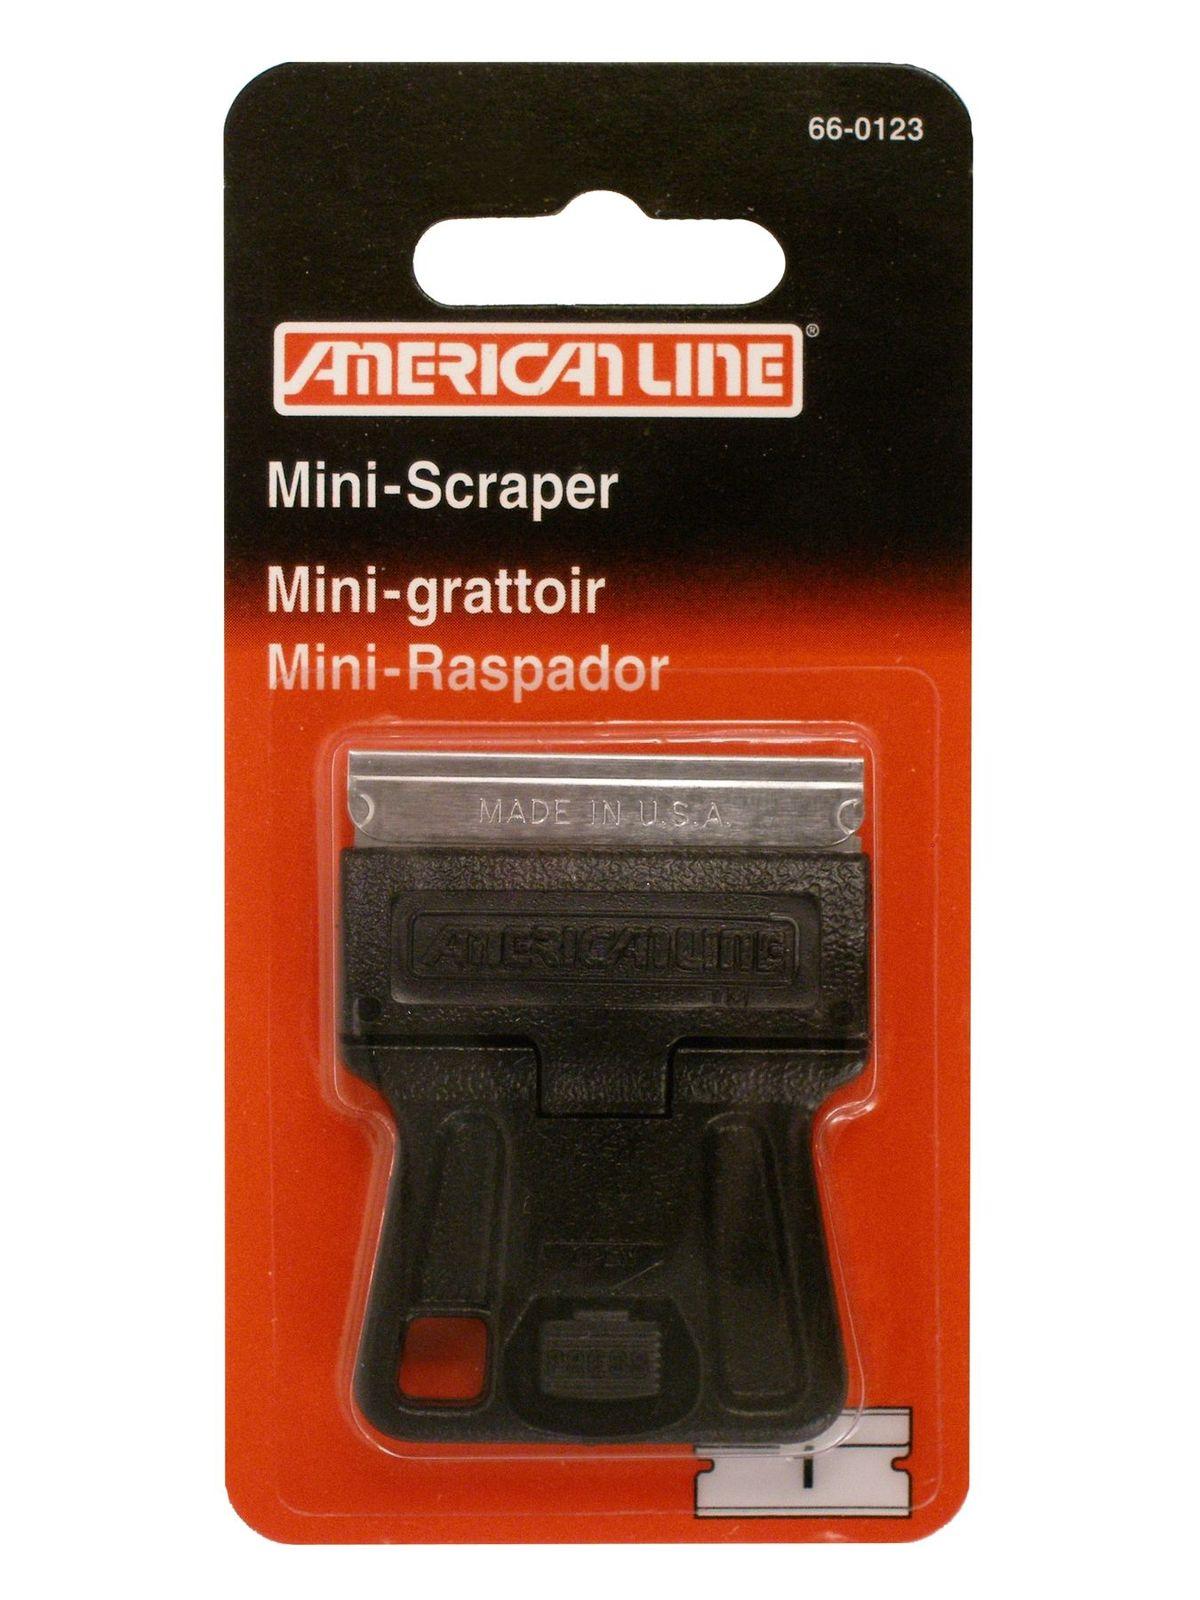 Mini-Scraper